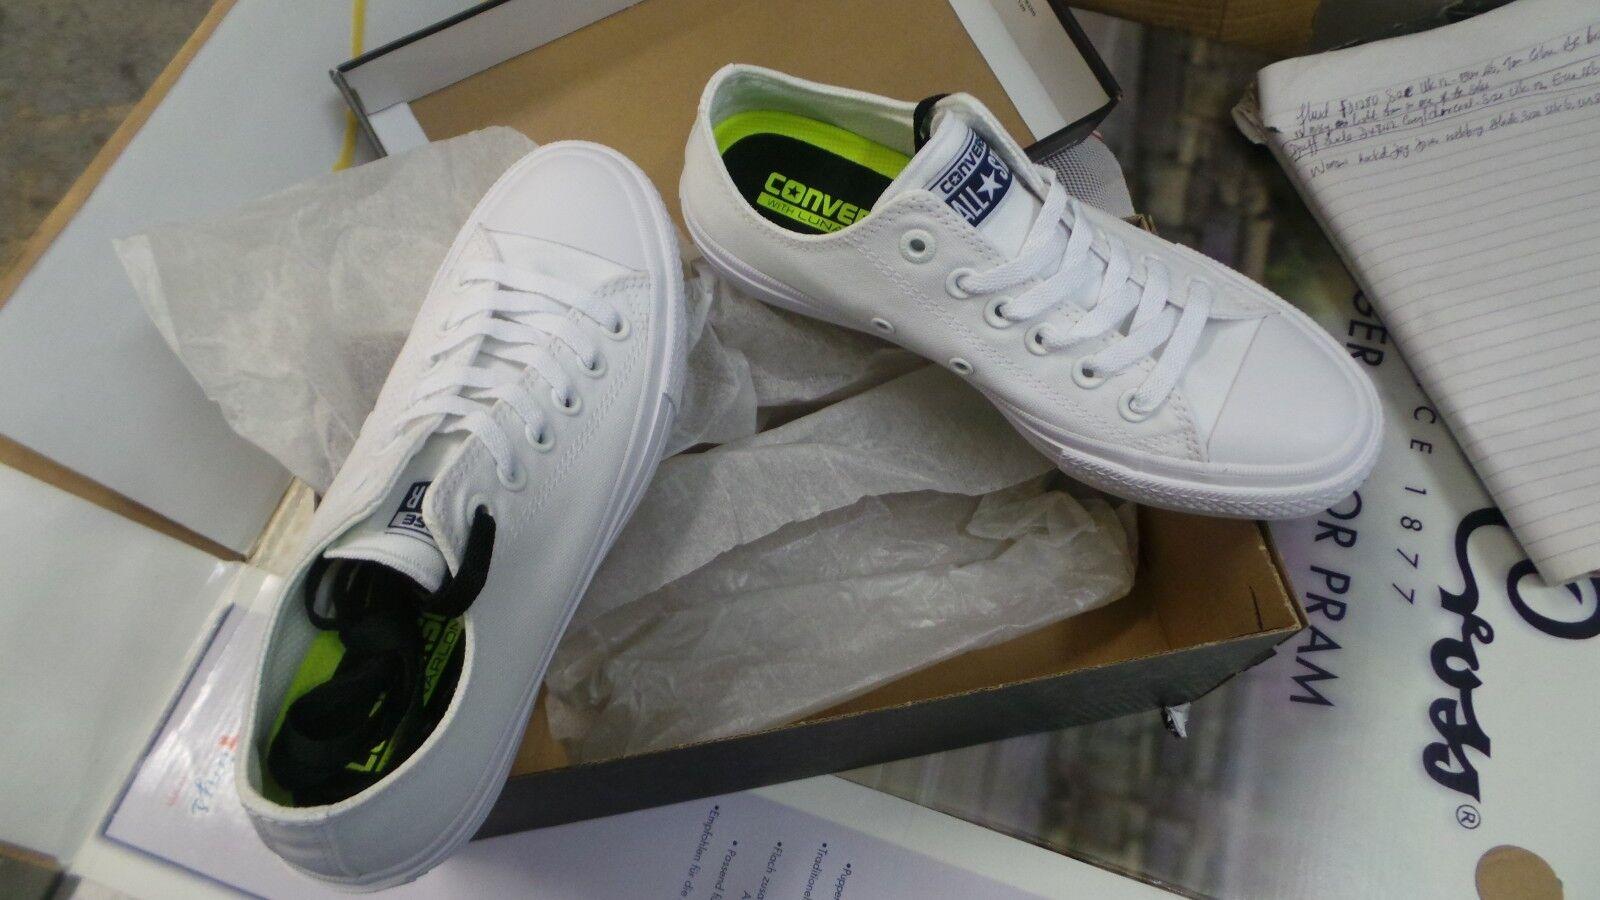 WOMEN'S UNISEX CONVERSE CHUCK TAYLOR ALL STAR II OX 150154C Sneakers UK Größe 5/7